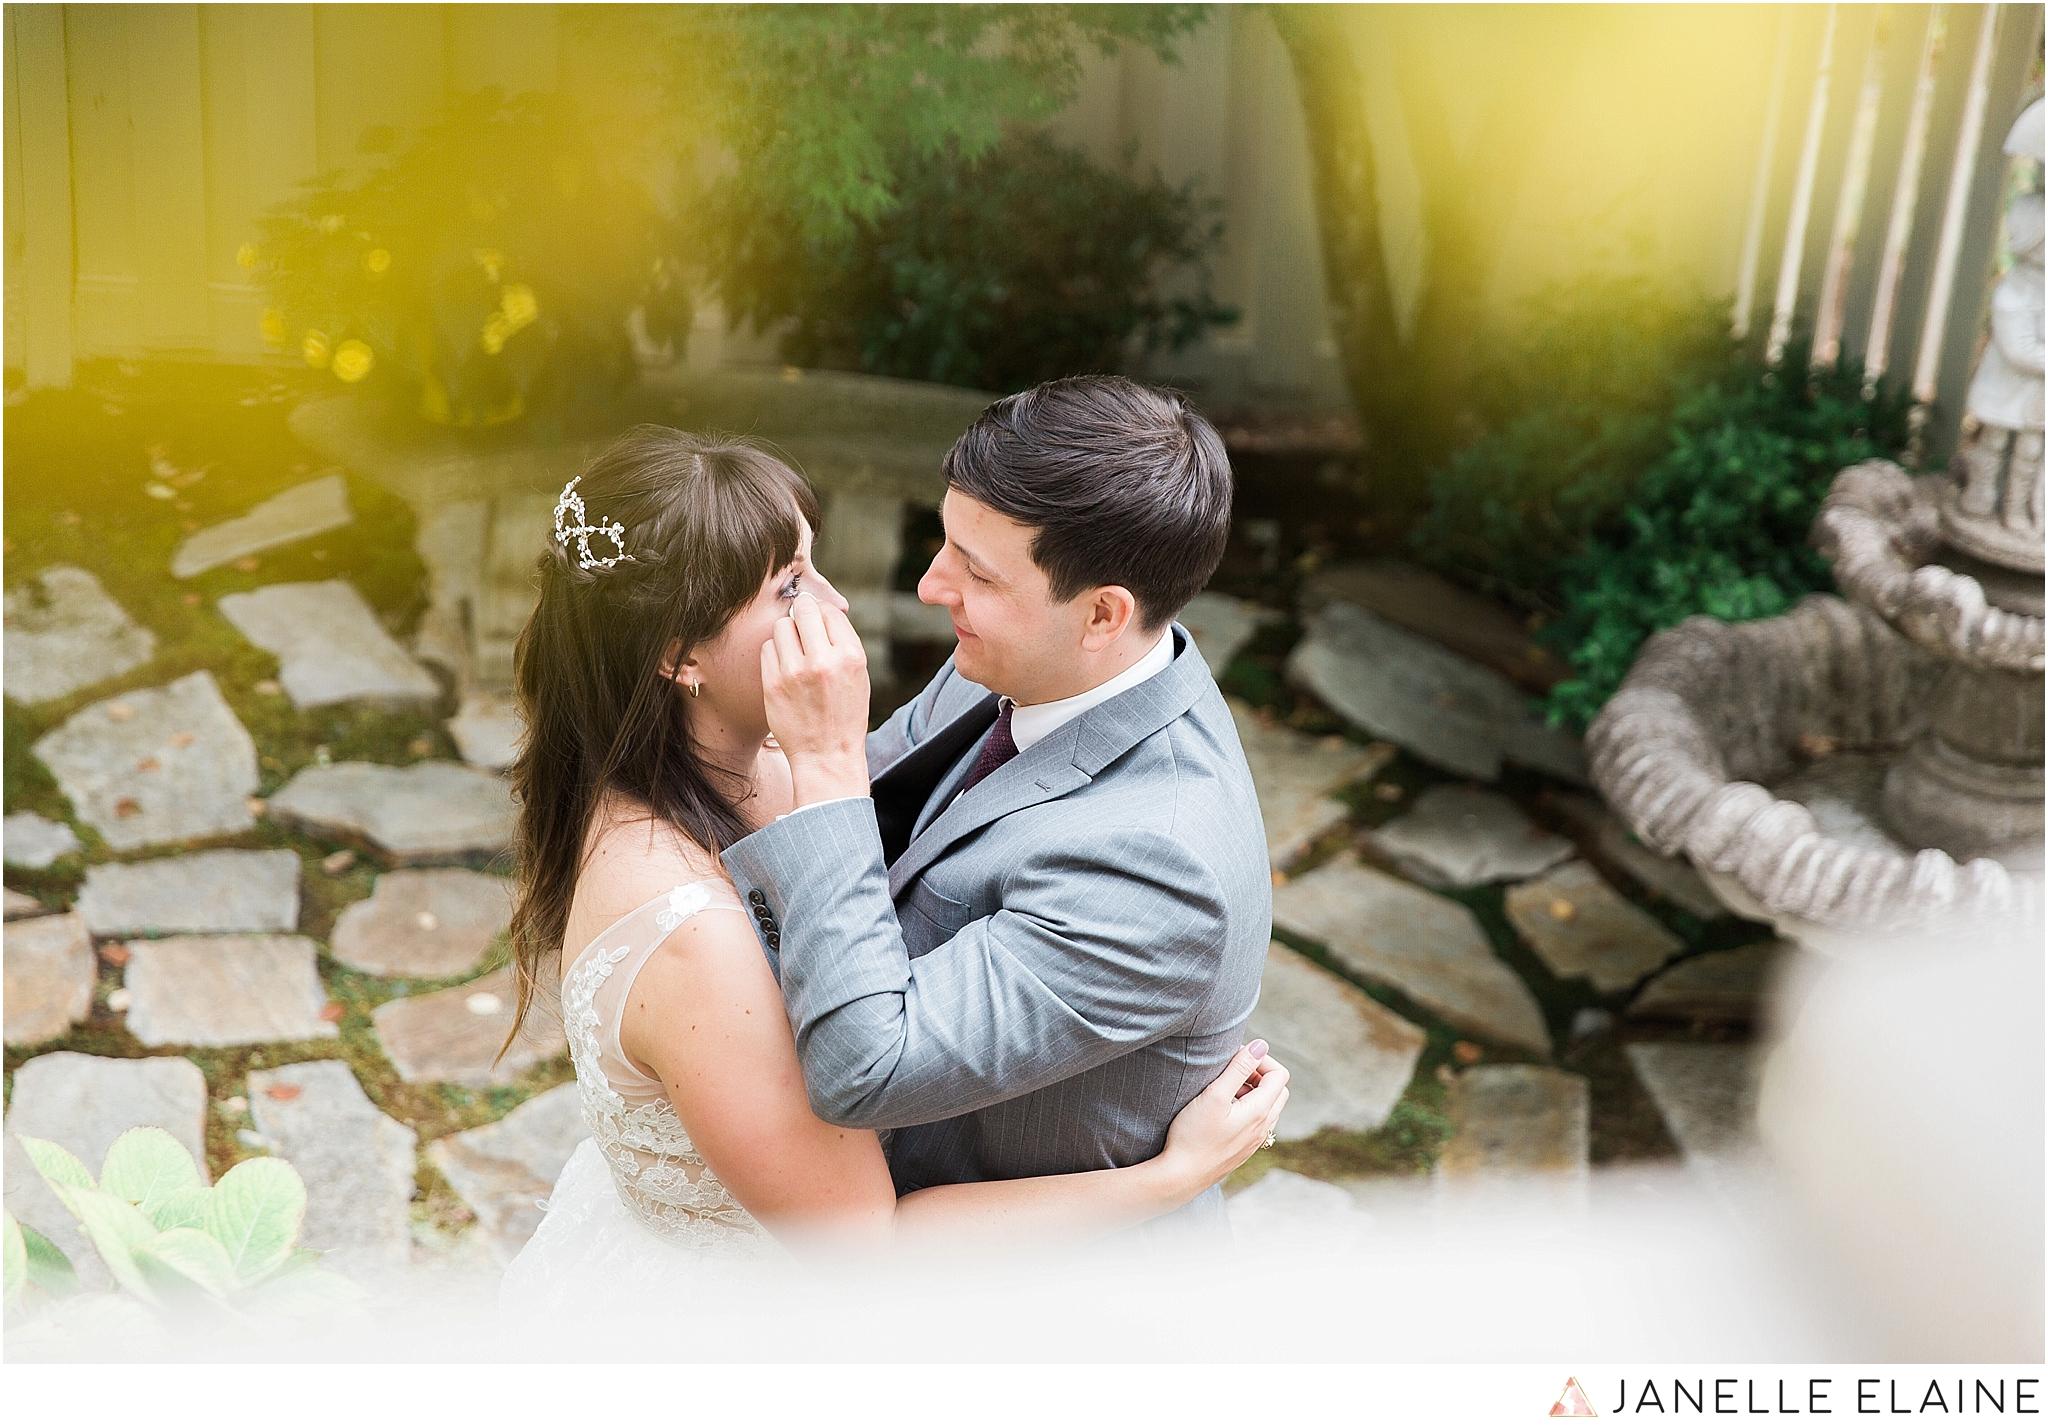 seattle-portrait-engagement-wedding-photographer-janelle-elaine-photography-18.jpg